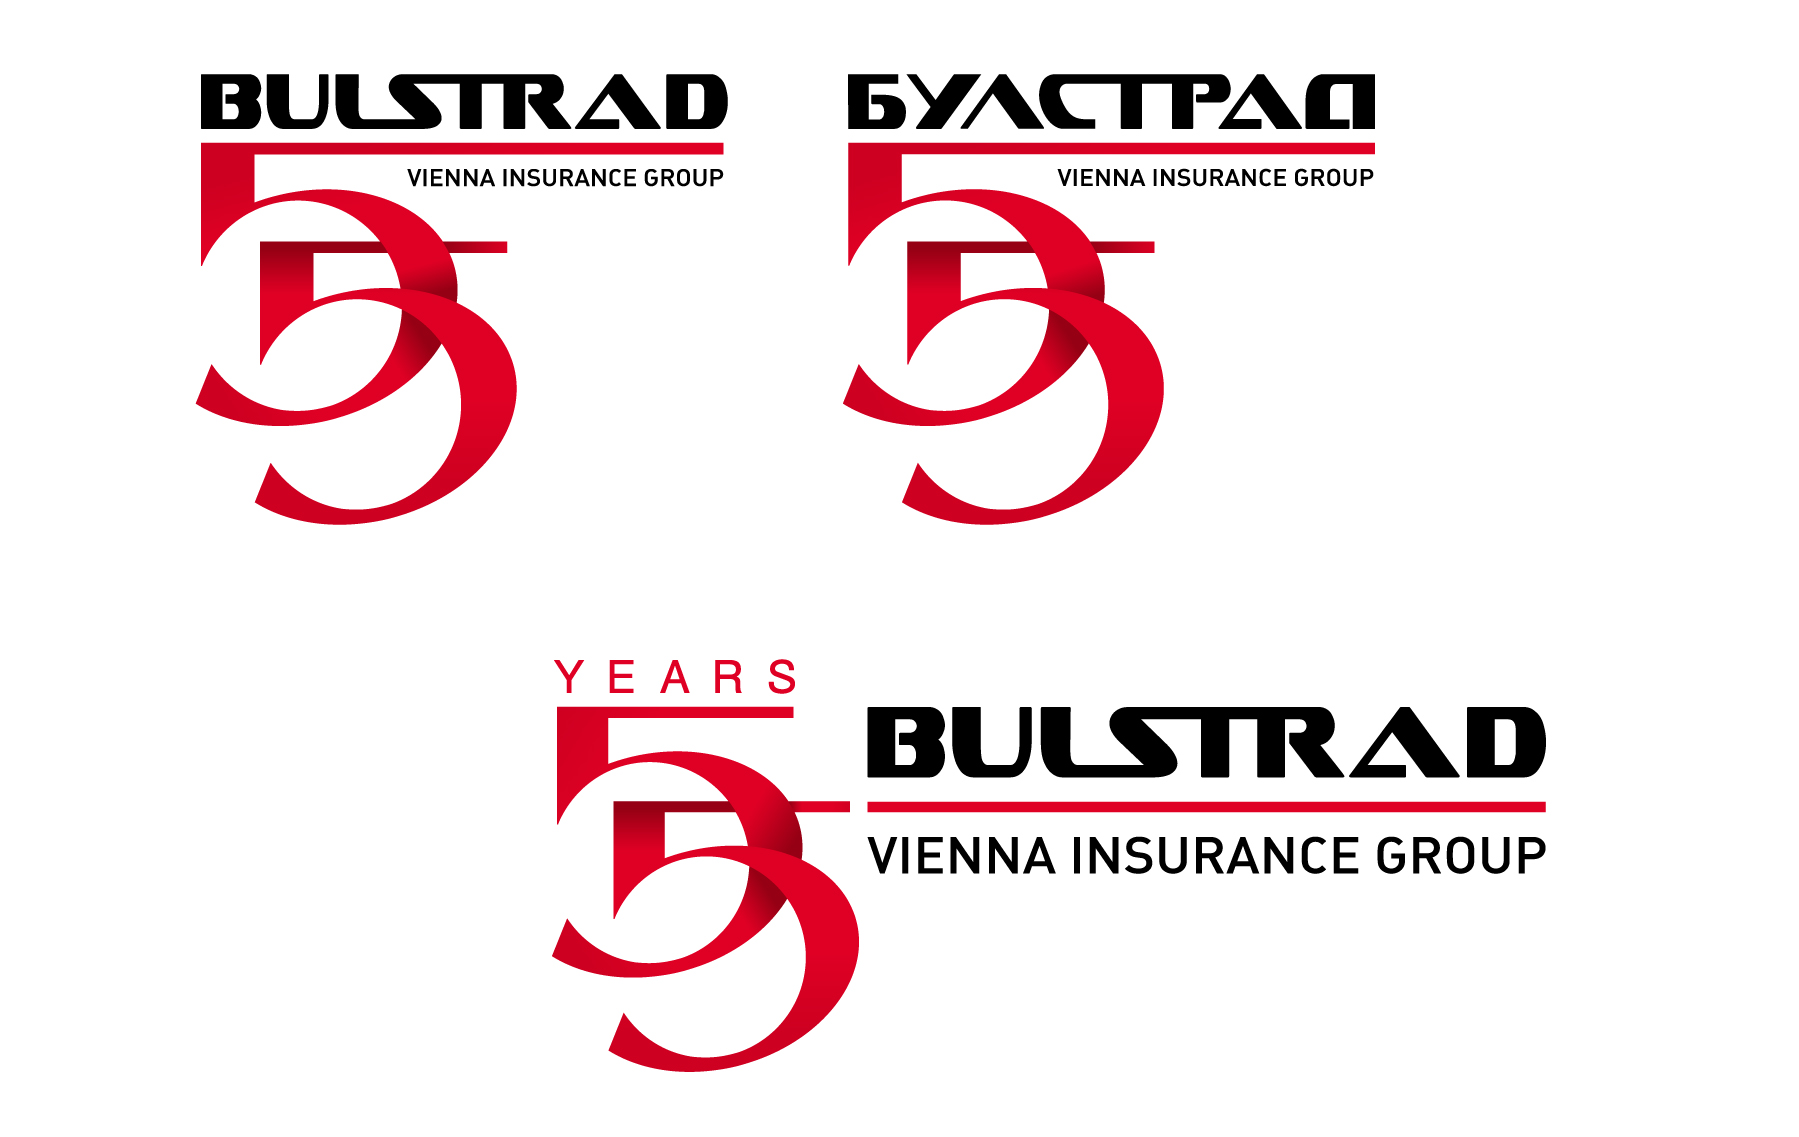 55 години Булстрад. Латиница и кирилица.